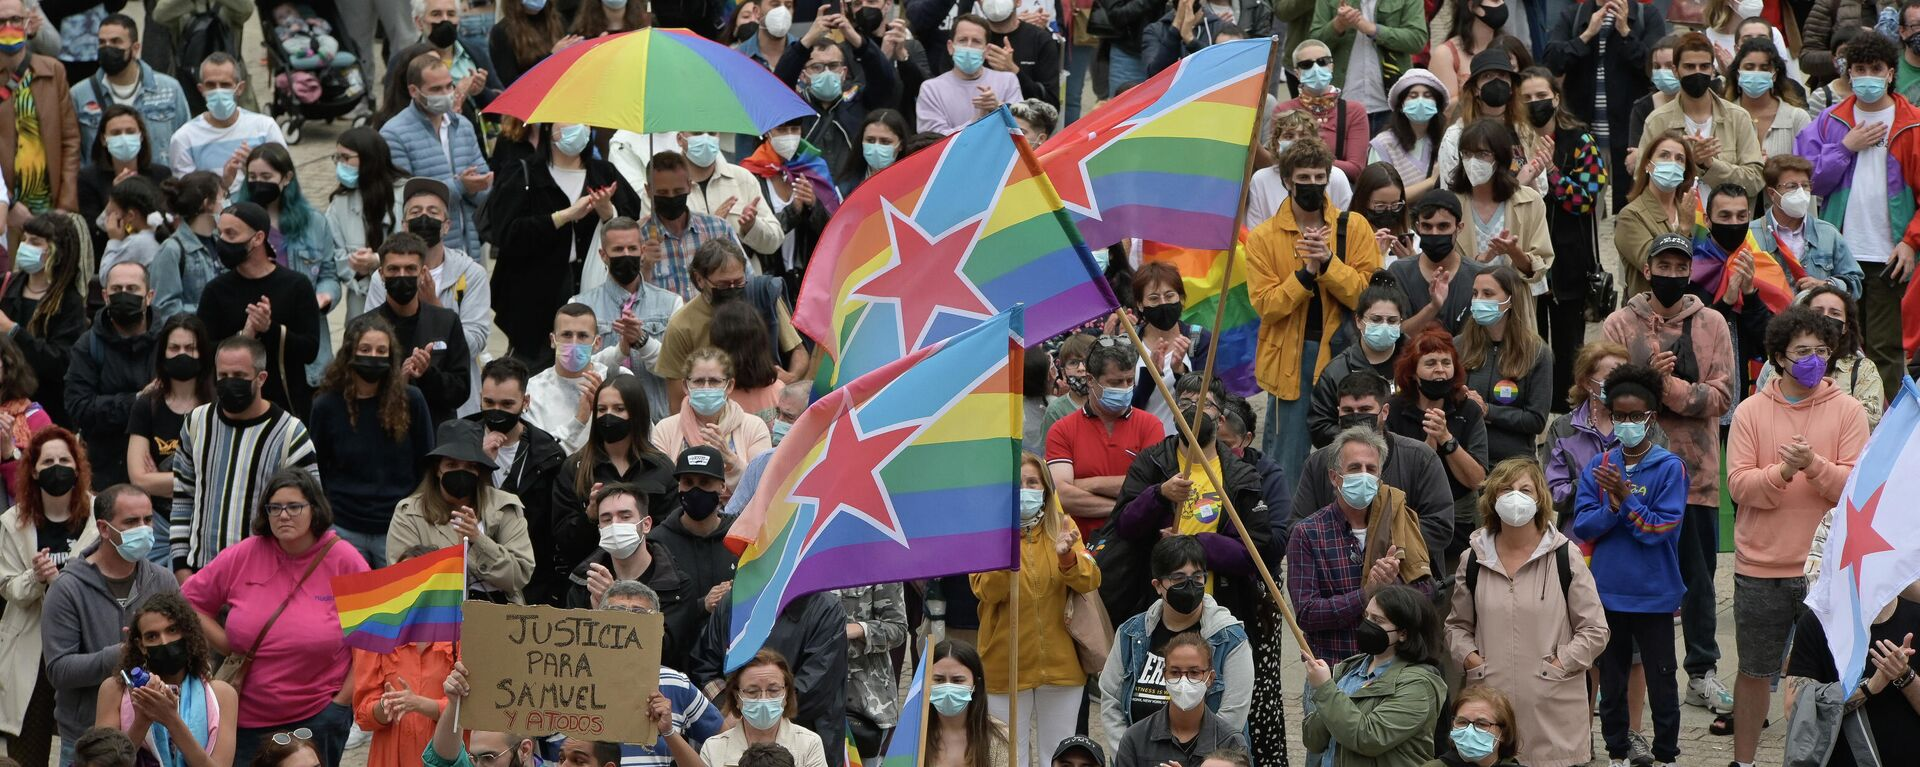 Concentración contra agresiones LGTBfóbicas, a 9 de julio de 2021, en A Coruña, Galicia  - Sputnik Mundo, 1920, 22.07.2021